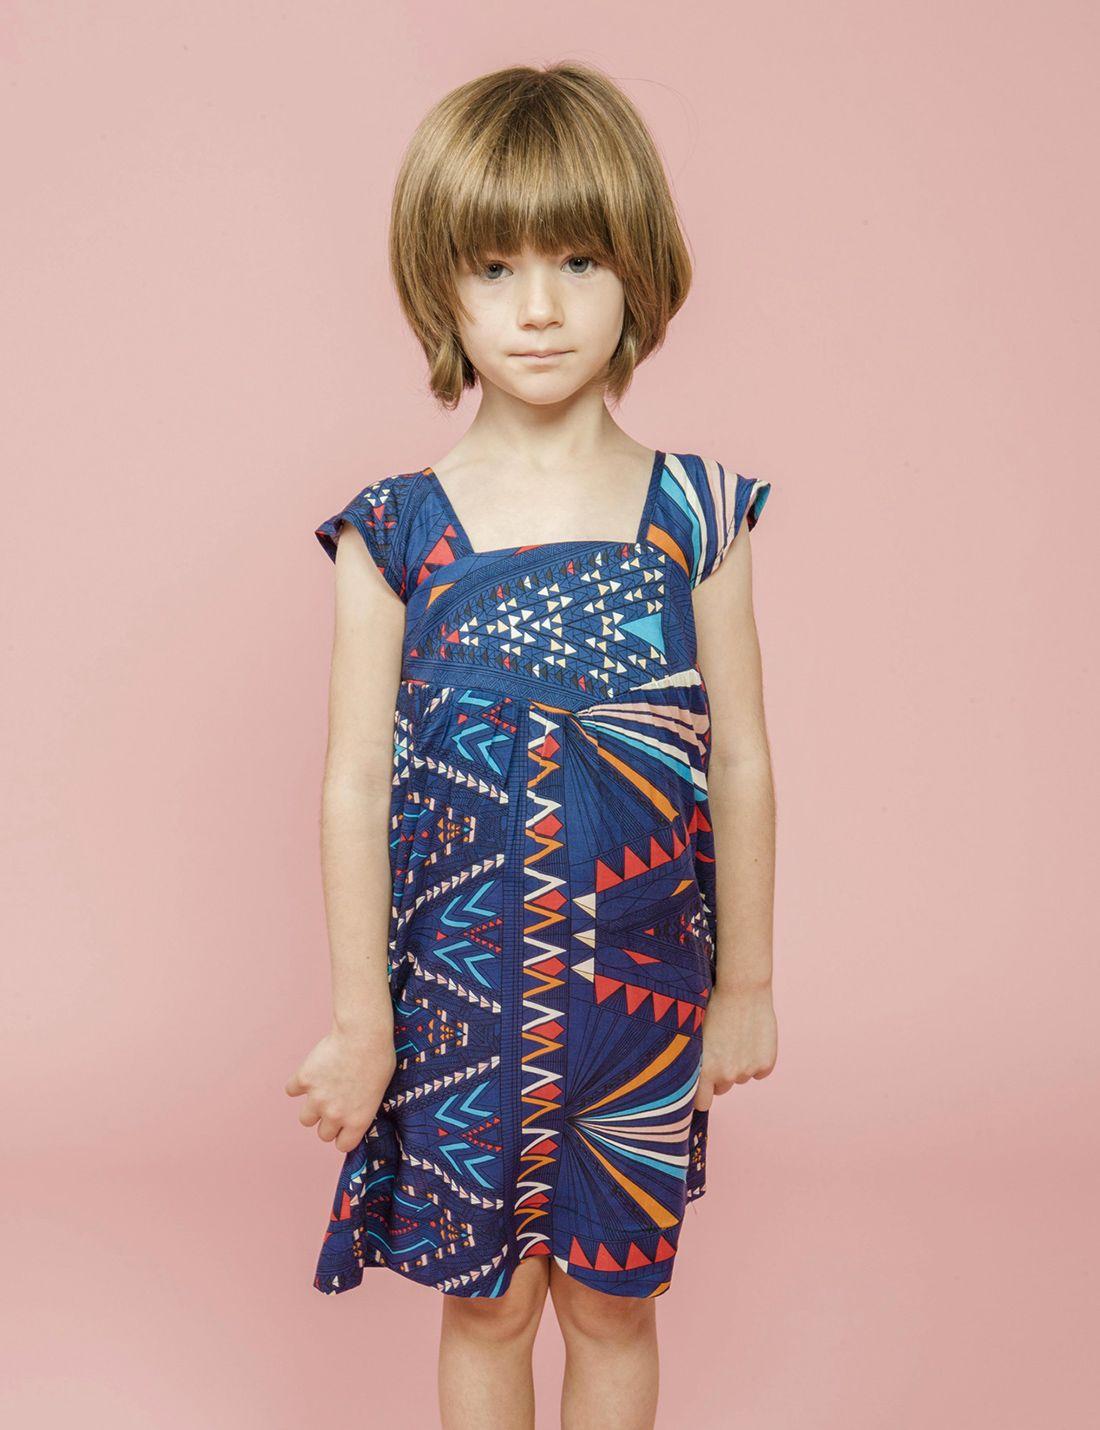 Symphonie d imprim s anthem of the ants textiles que enamoran mi vista - Monalisa moda infantil ...